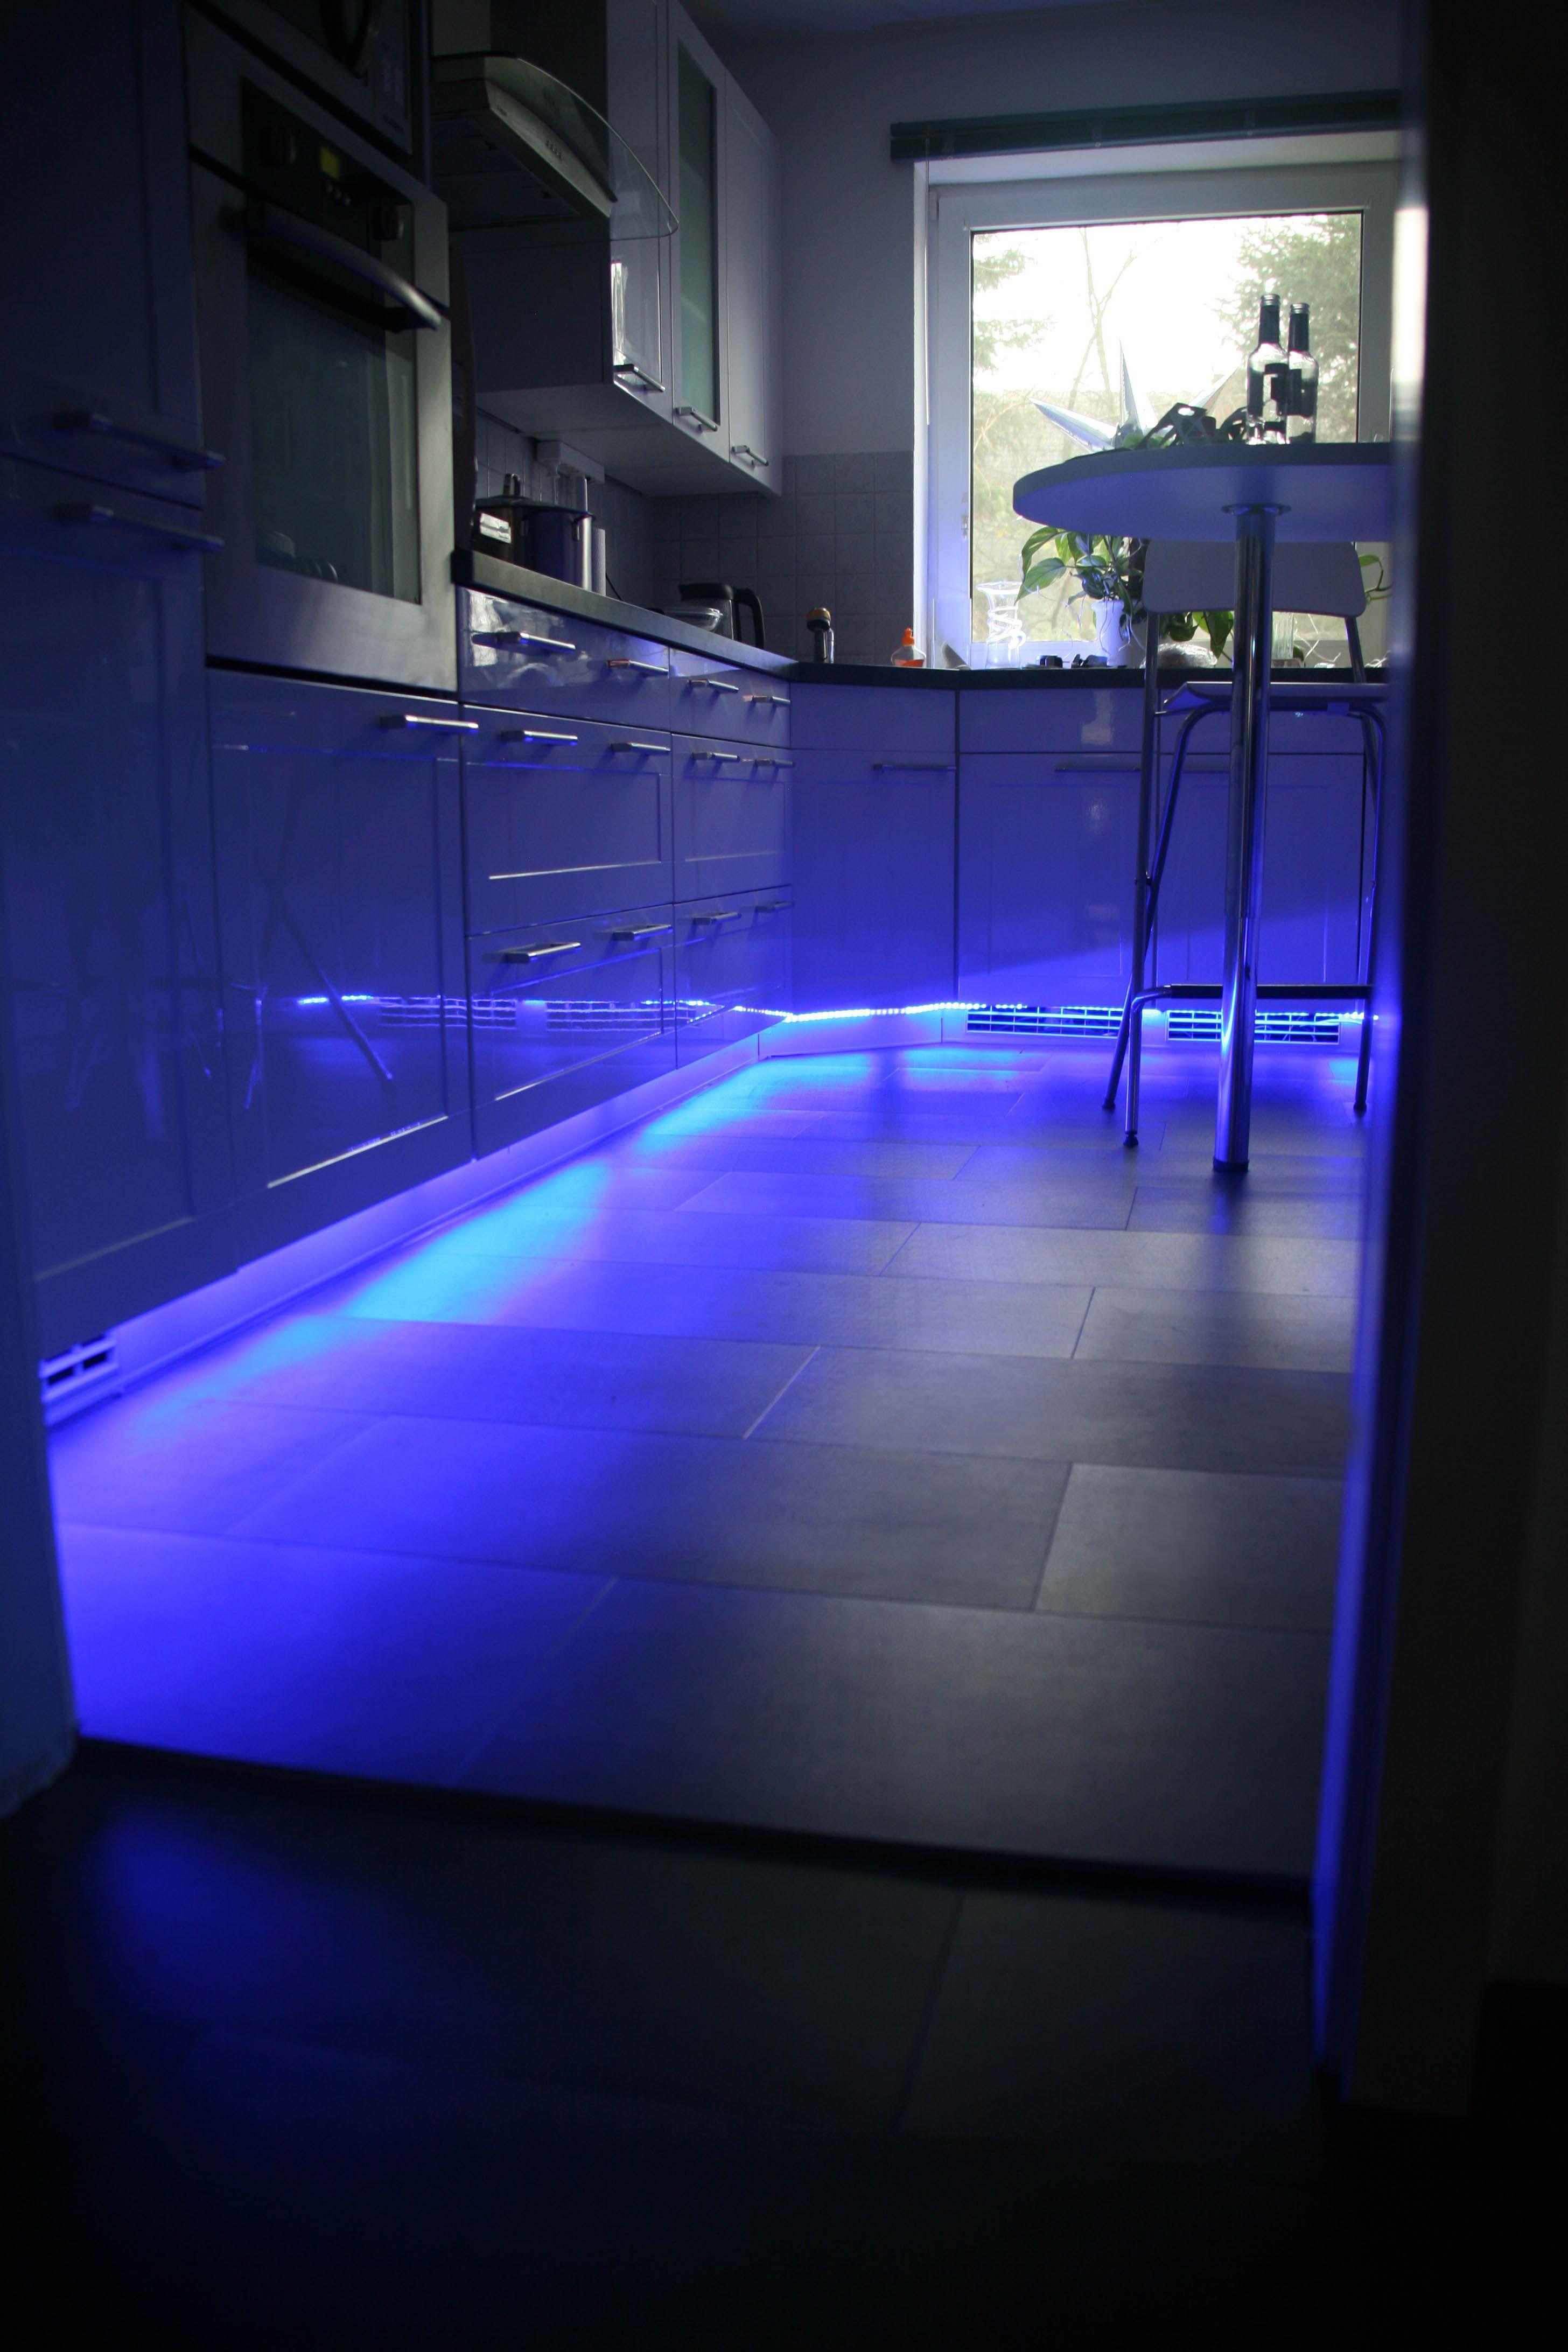 Stone Catania In Der Küche Unseres Kunden Chris Aus Loxstedt Mehr - Vinylboden selbstklebend steinoptik